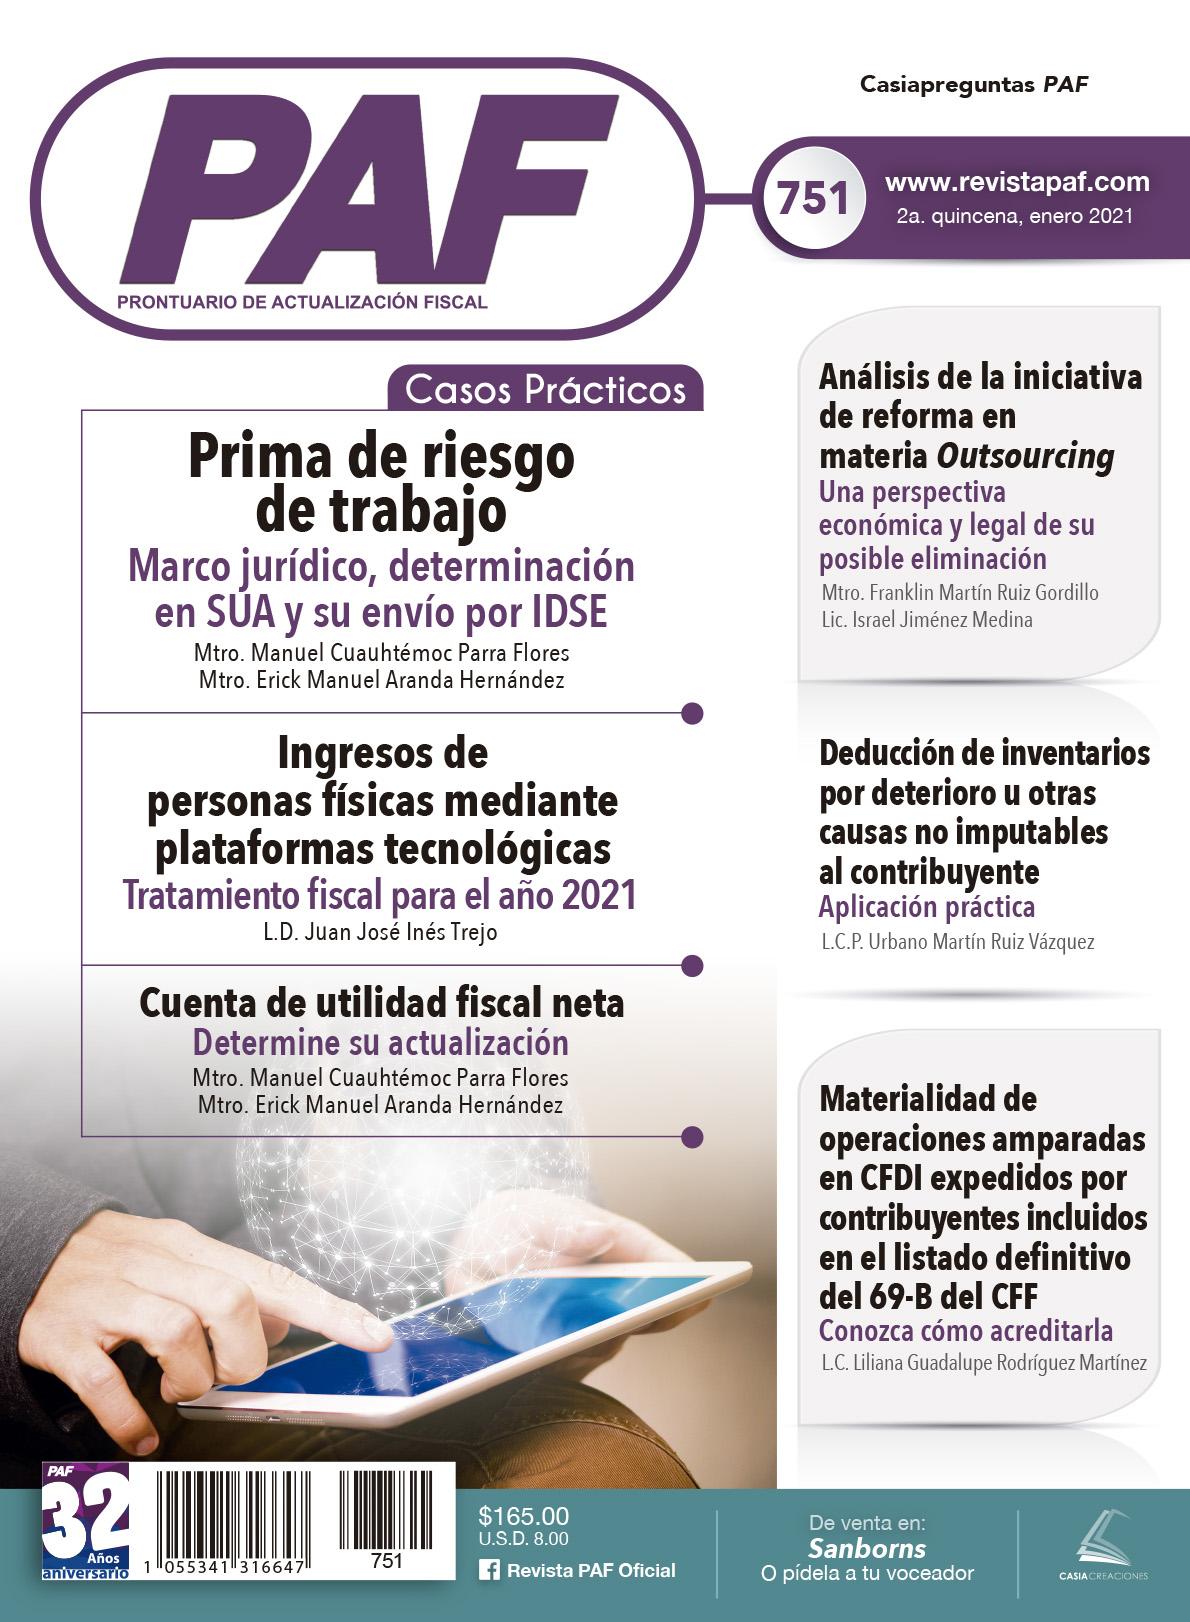 Prima de riesgo-CUFIN_Iniciativa Outsourcing